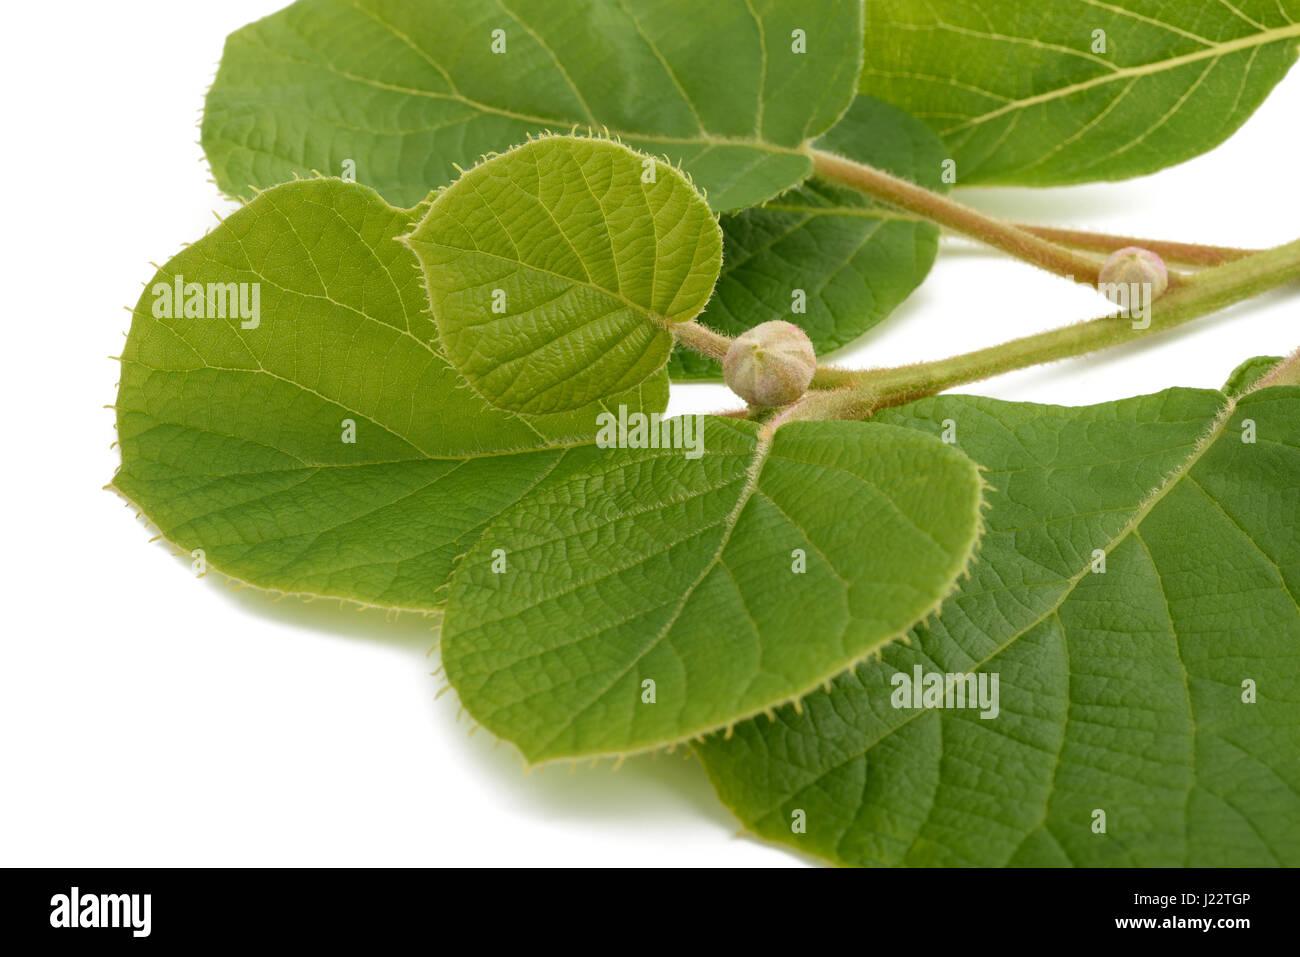 kiwi branch isolated on white background - Stock Image